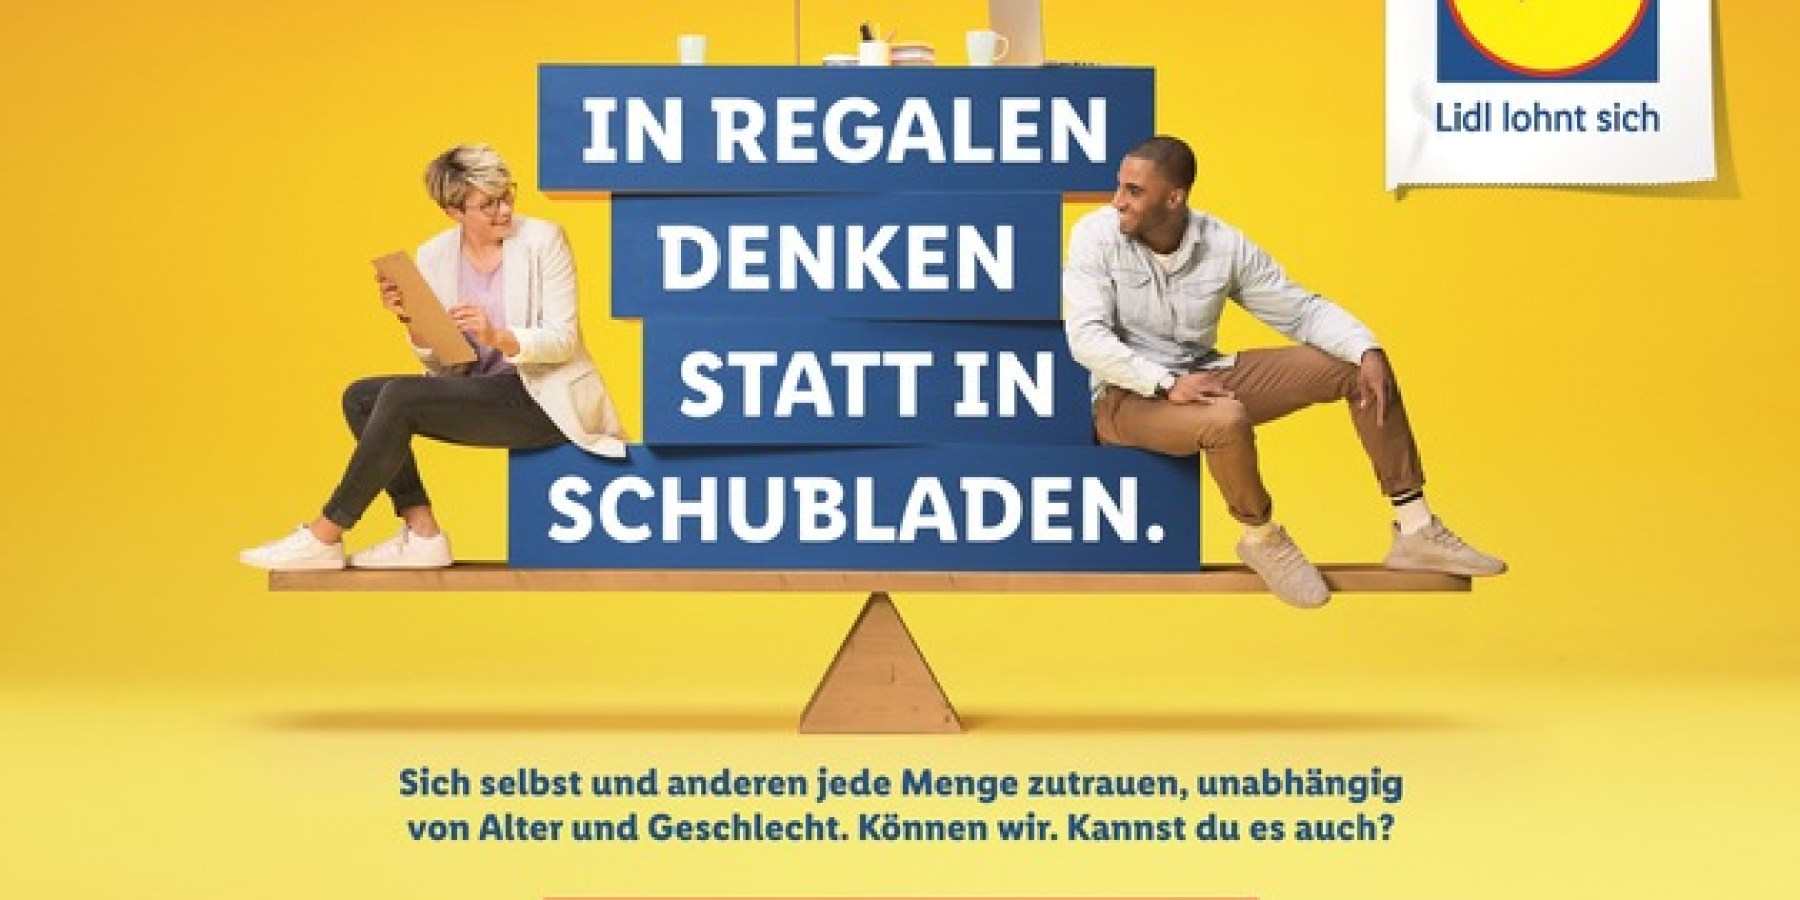 Lidl muss man können: Neue Kampagne zur Arbeitgebermarke